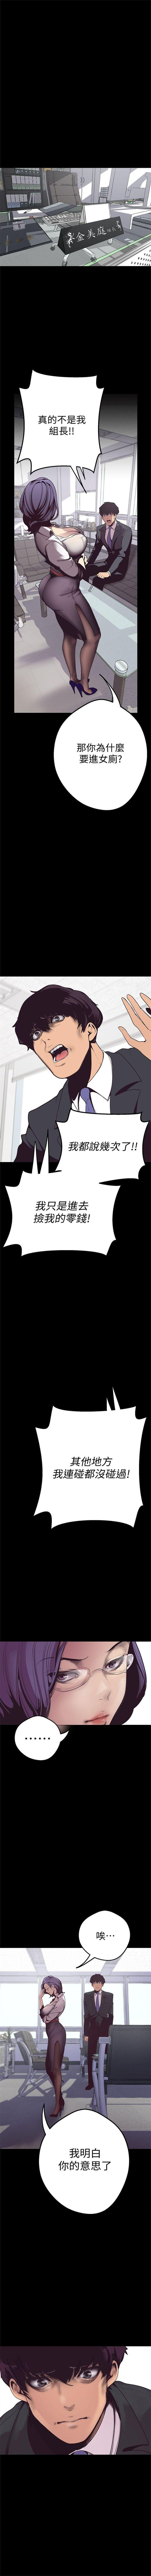 美麗新世界 1-85 官方中文(連載中) 11